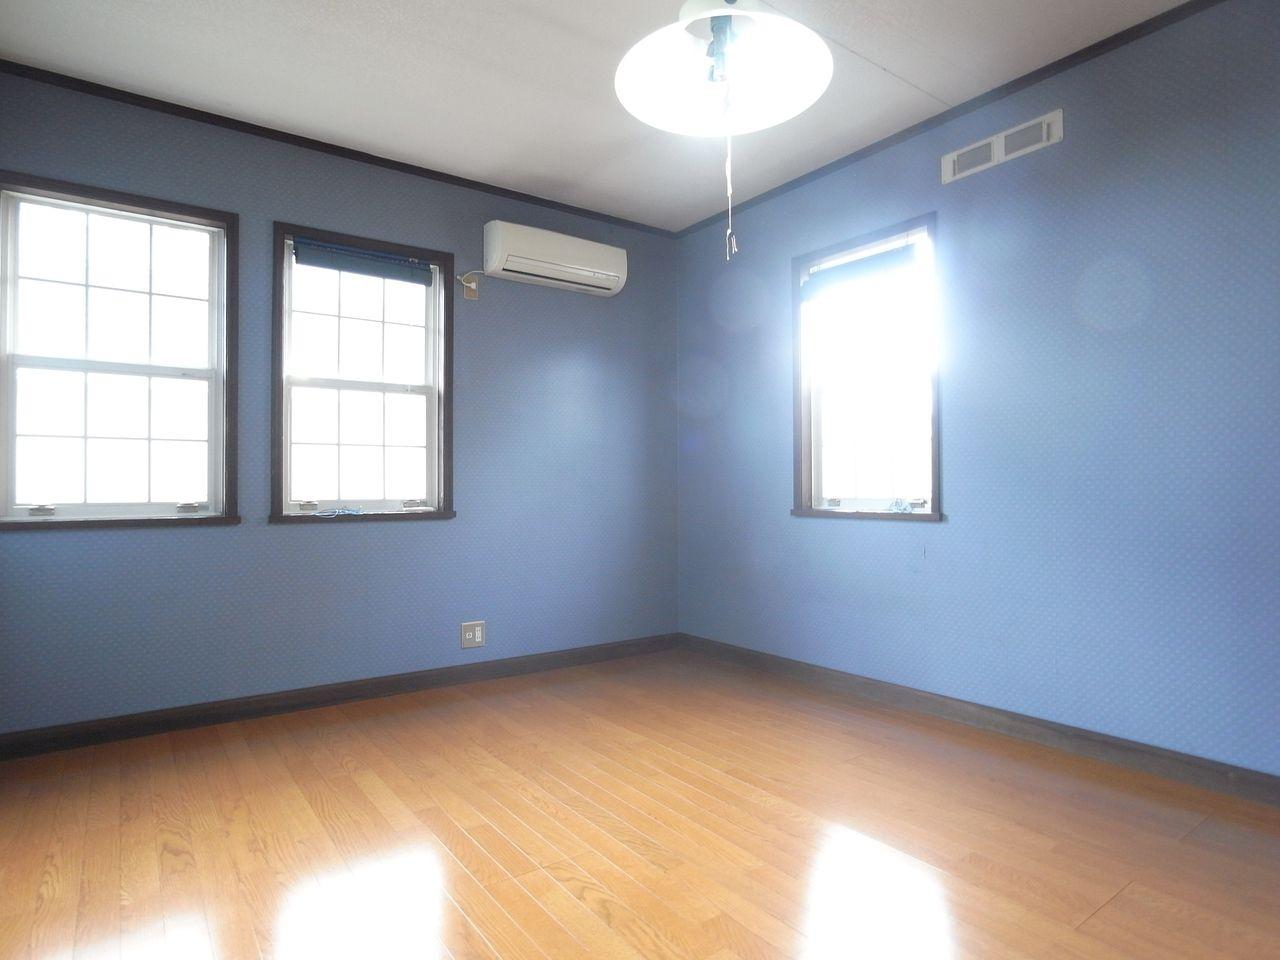 ブルーカラーの柄クロスが魅力的な居室です